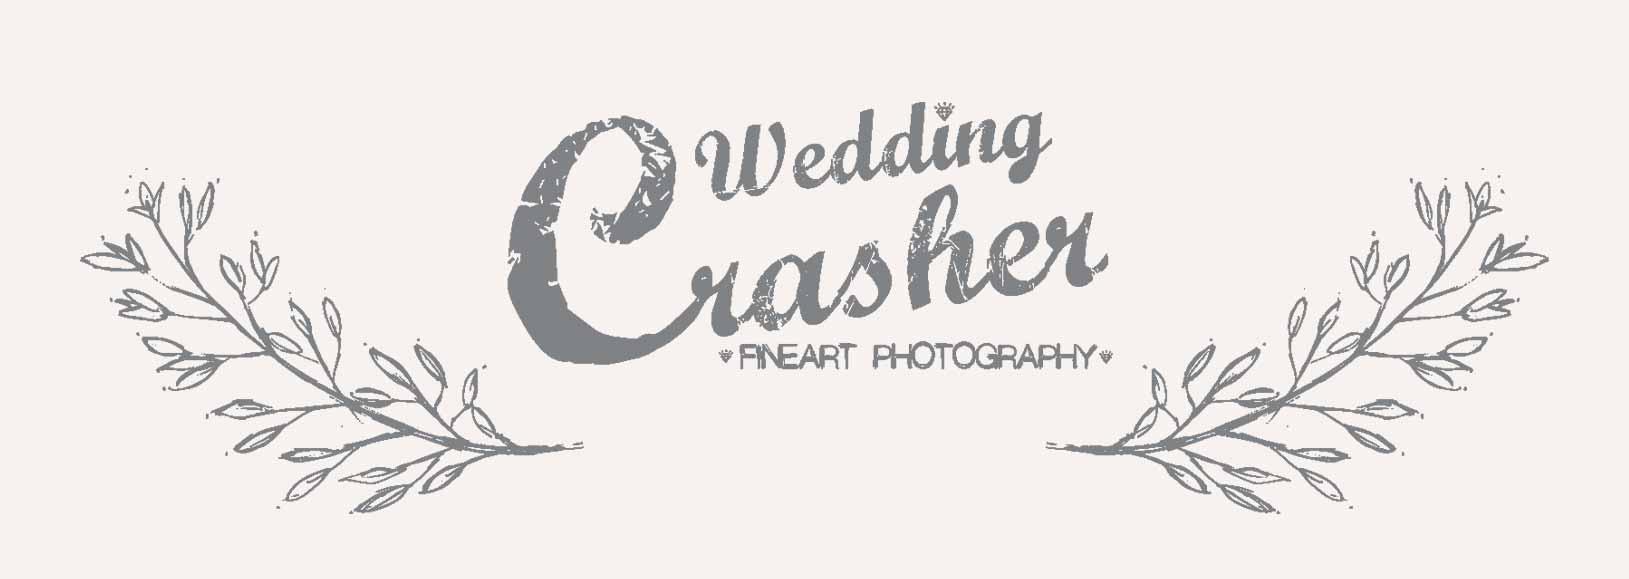 Wedding Crasher Photography